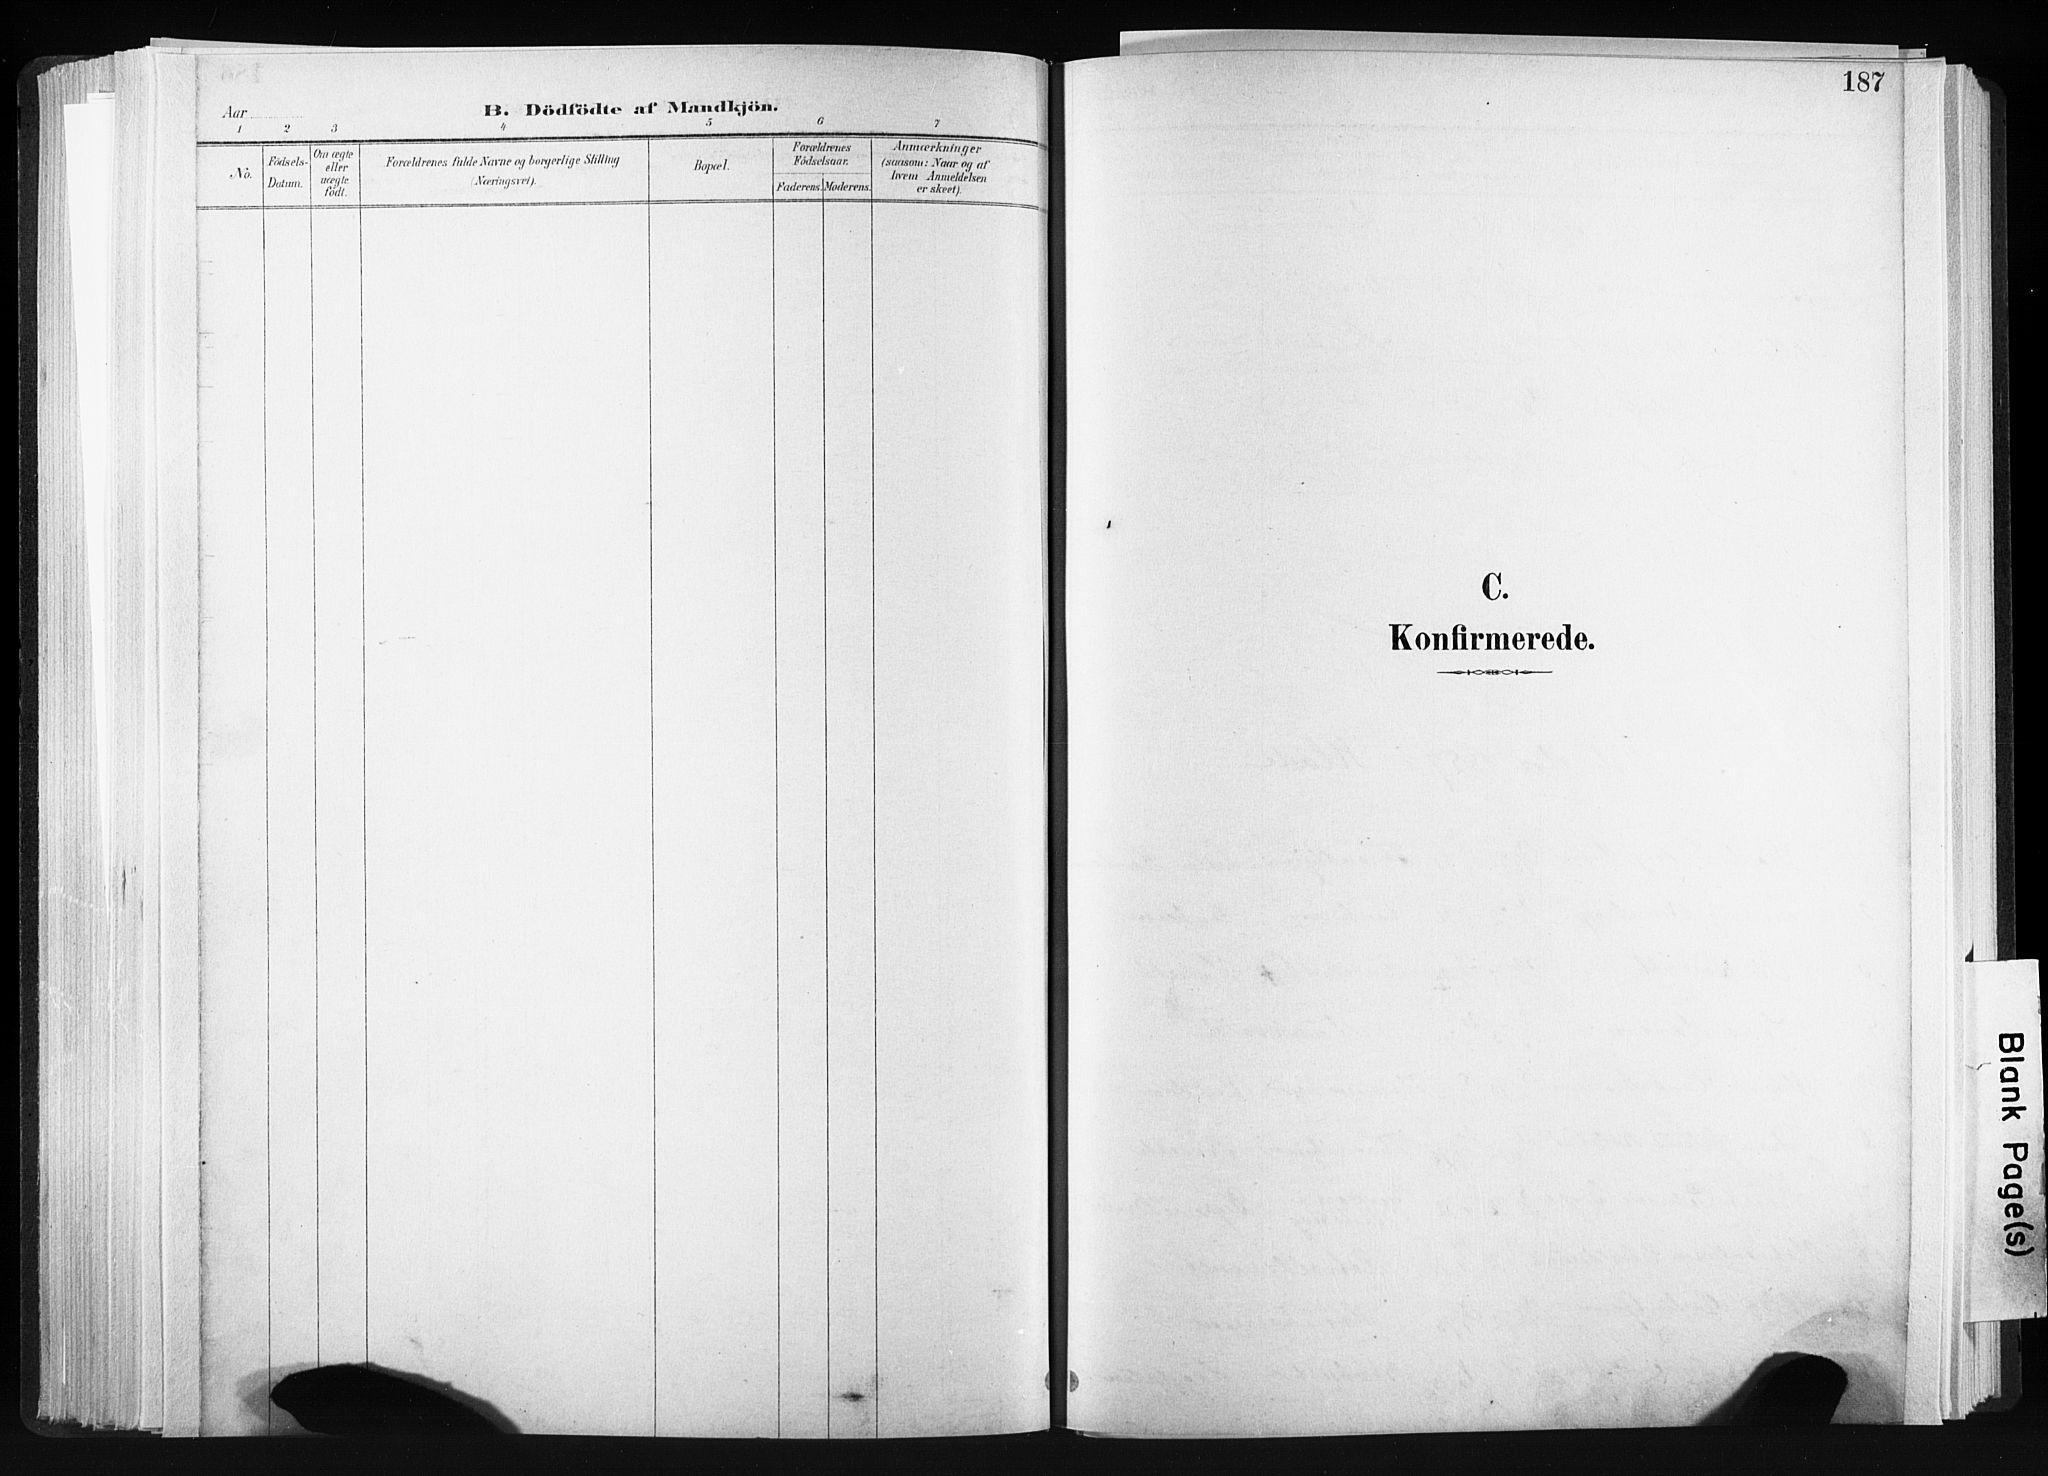 SAT, Ministerialprotokoller, klokkerbøker og fødselsregistre - Sør-Trøndelag, 606/L0300: Ministerialbok nr. 606A15, 1886-1893, s. 187